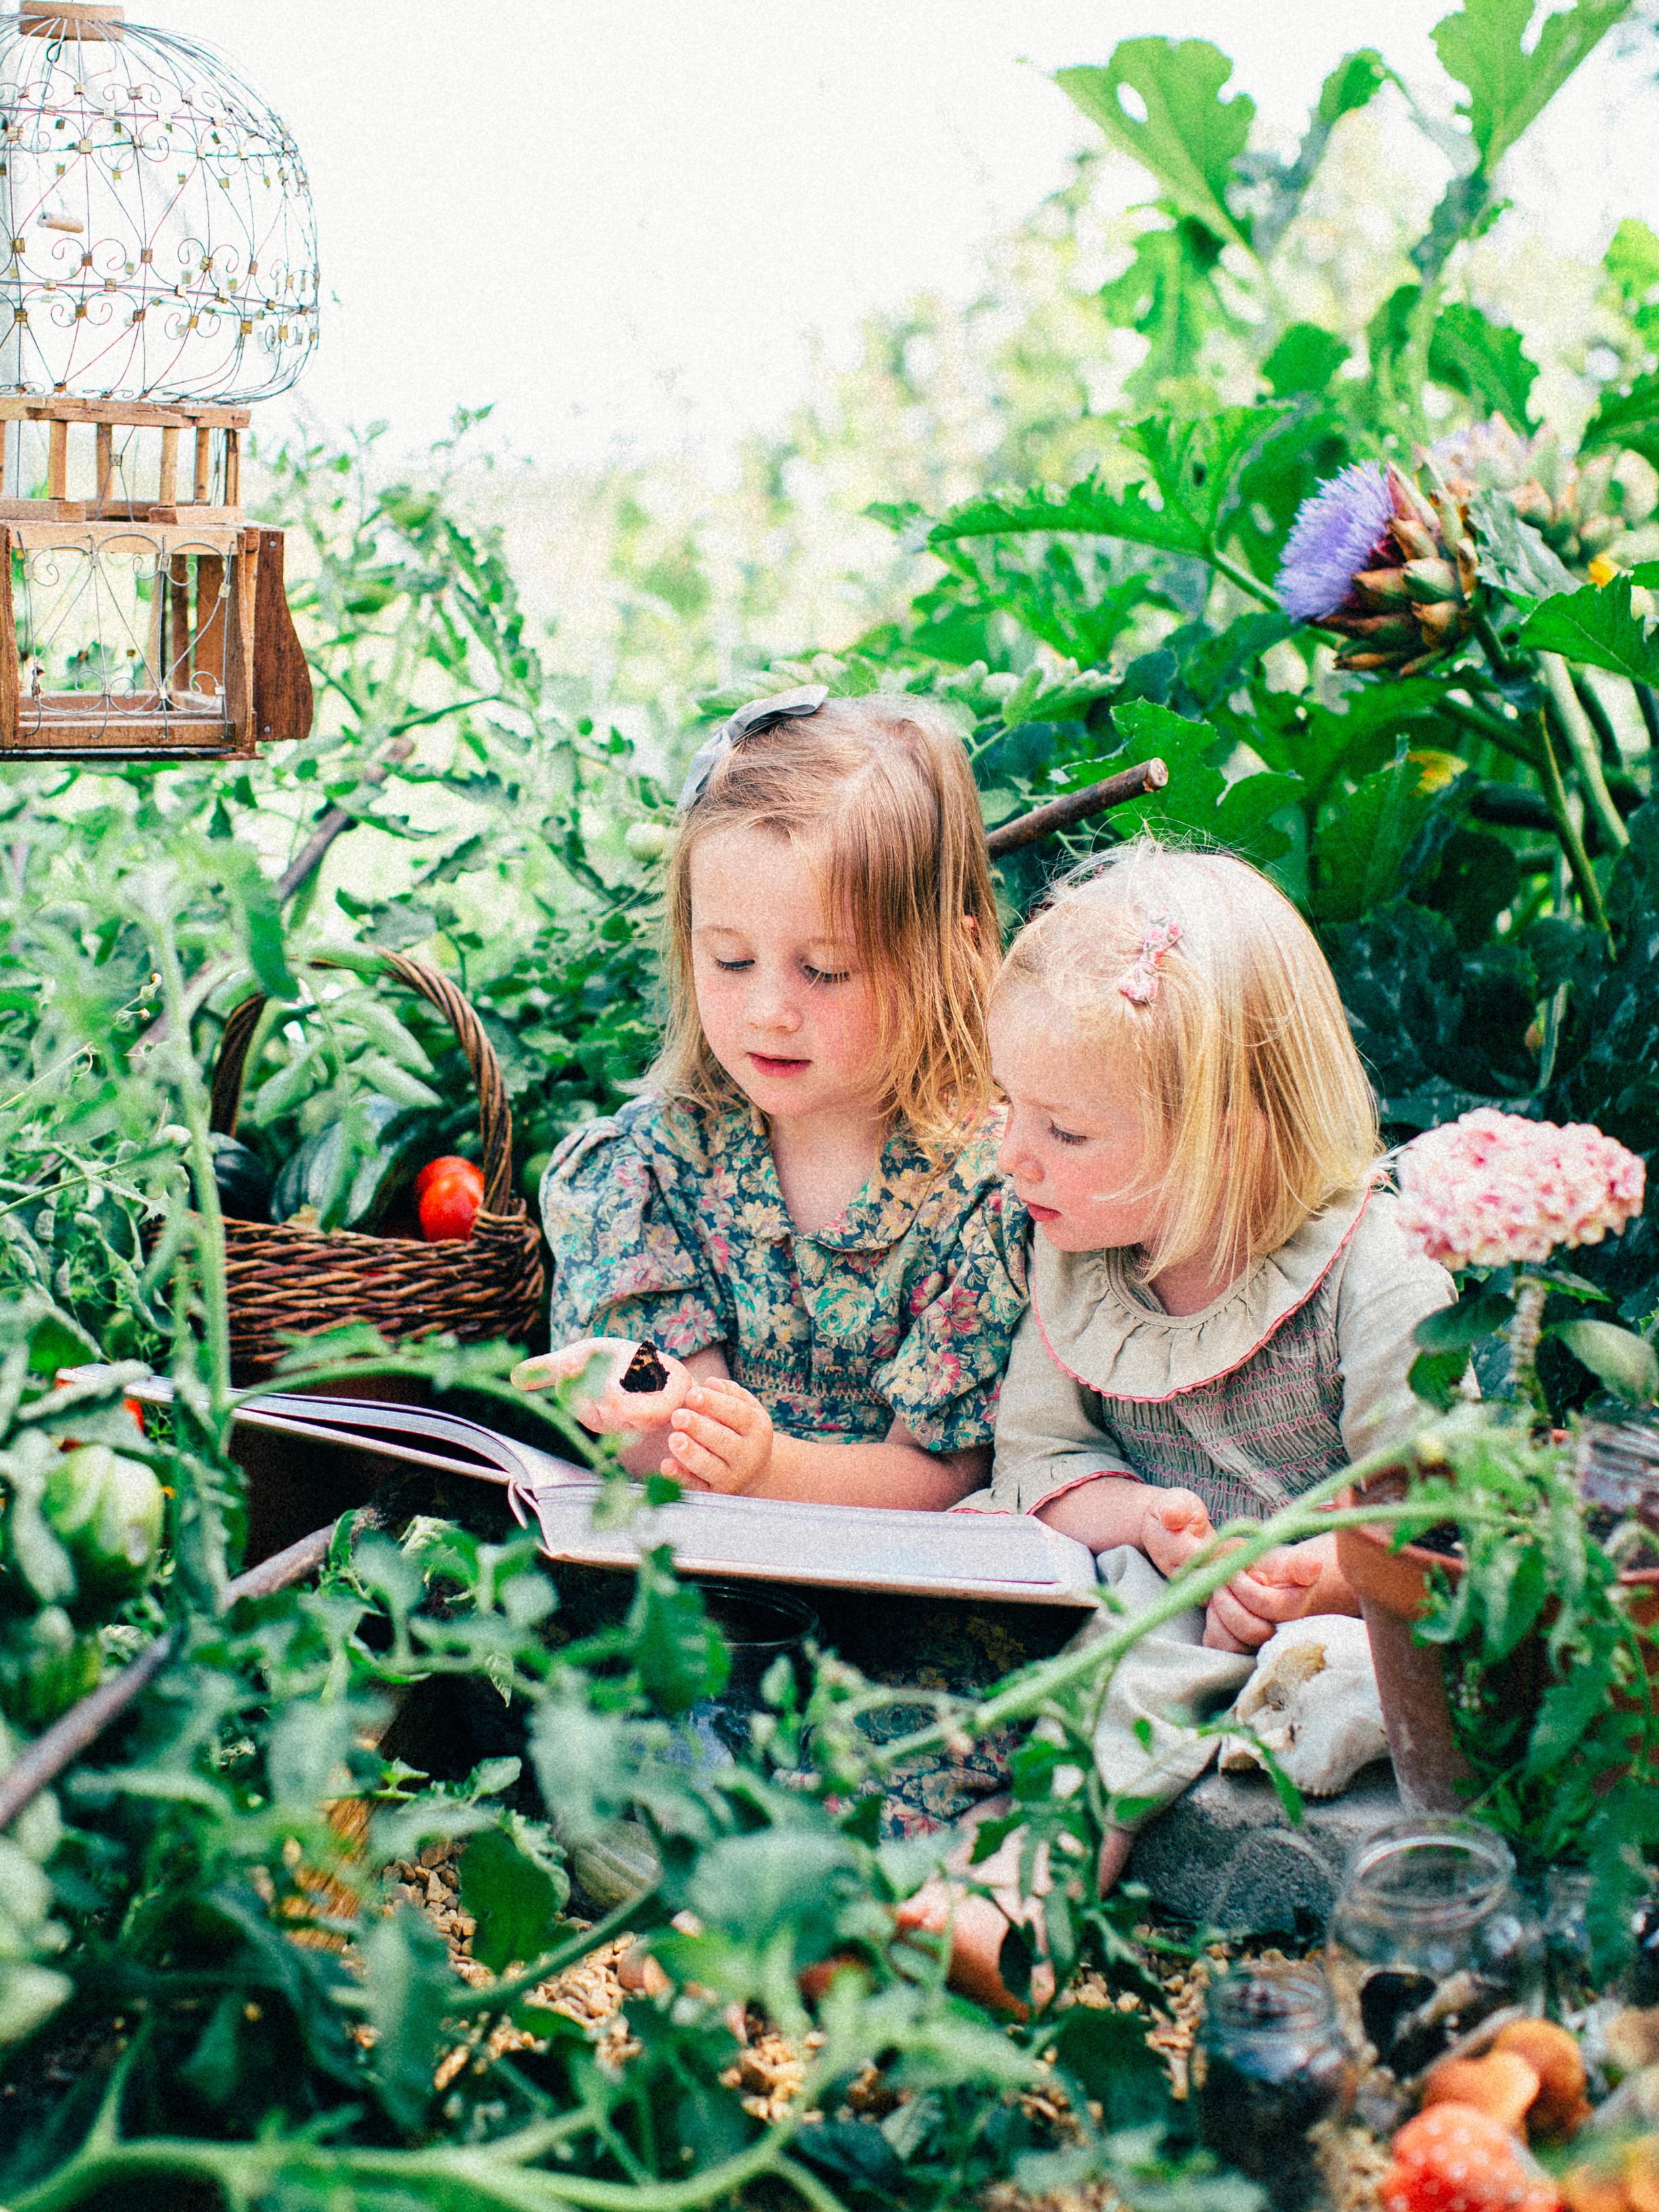 children's photographer london-2.jpg